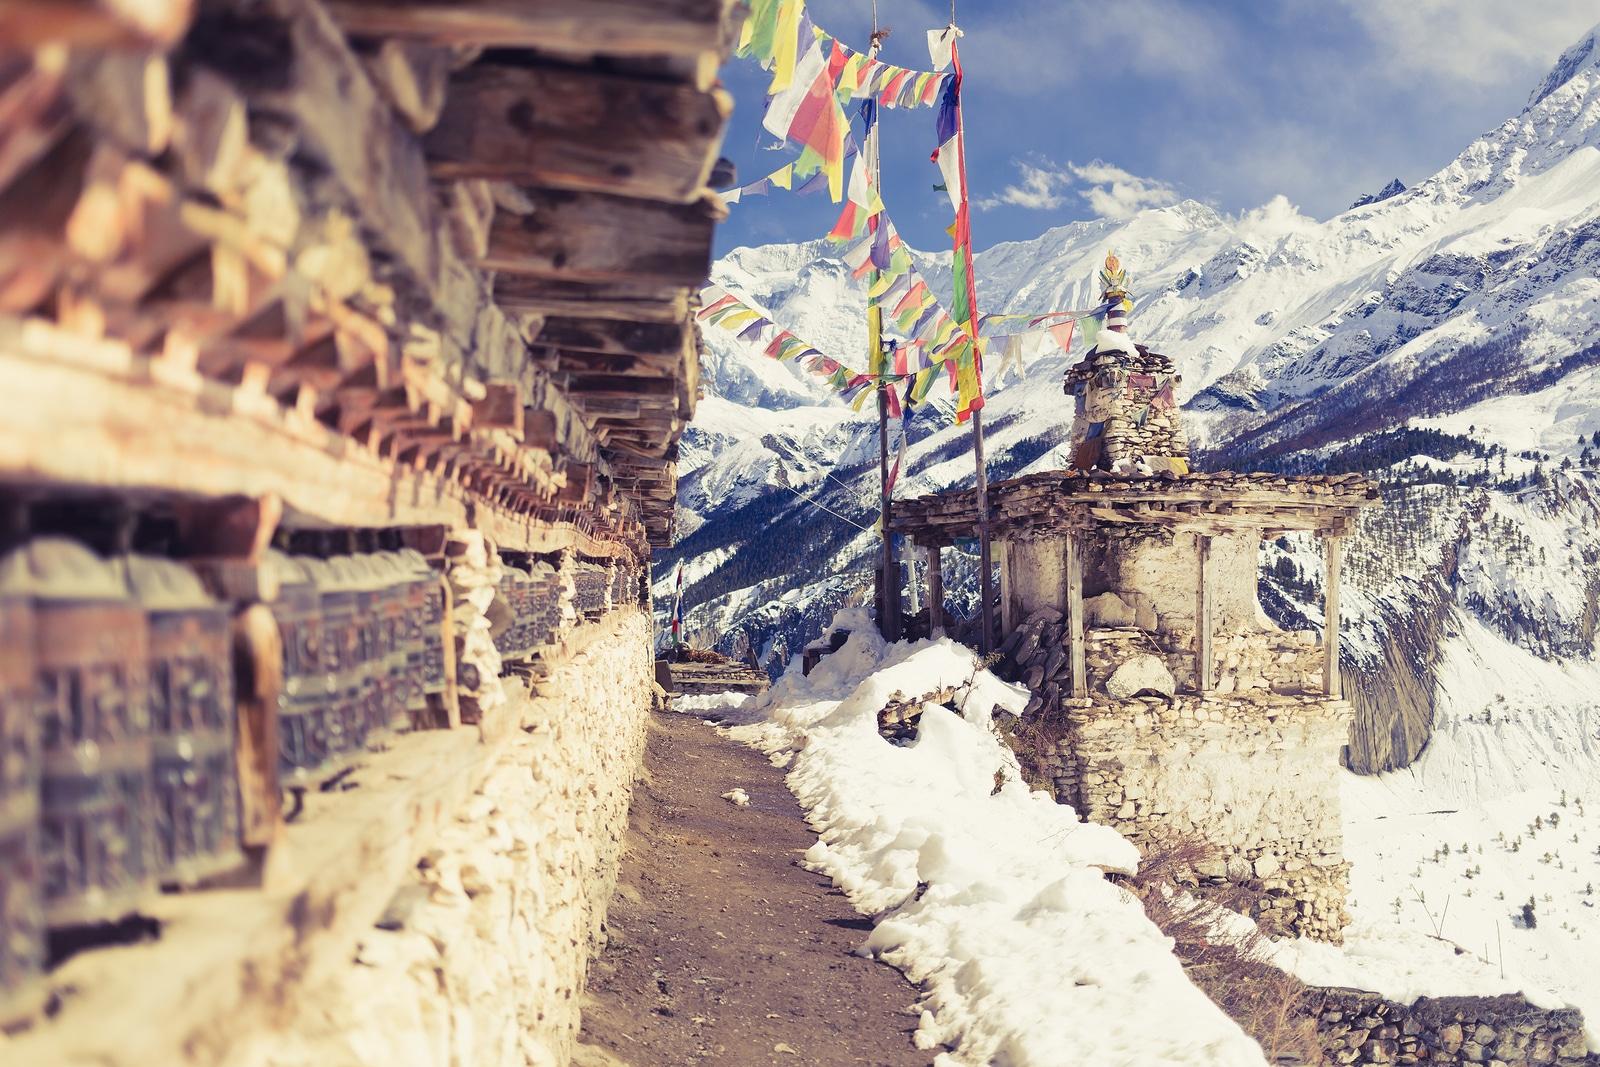 Vista do templo de orações nas montanhas do Himalaia, na vila do Nepal.